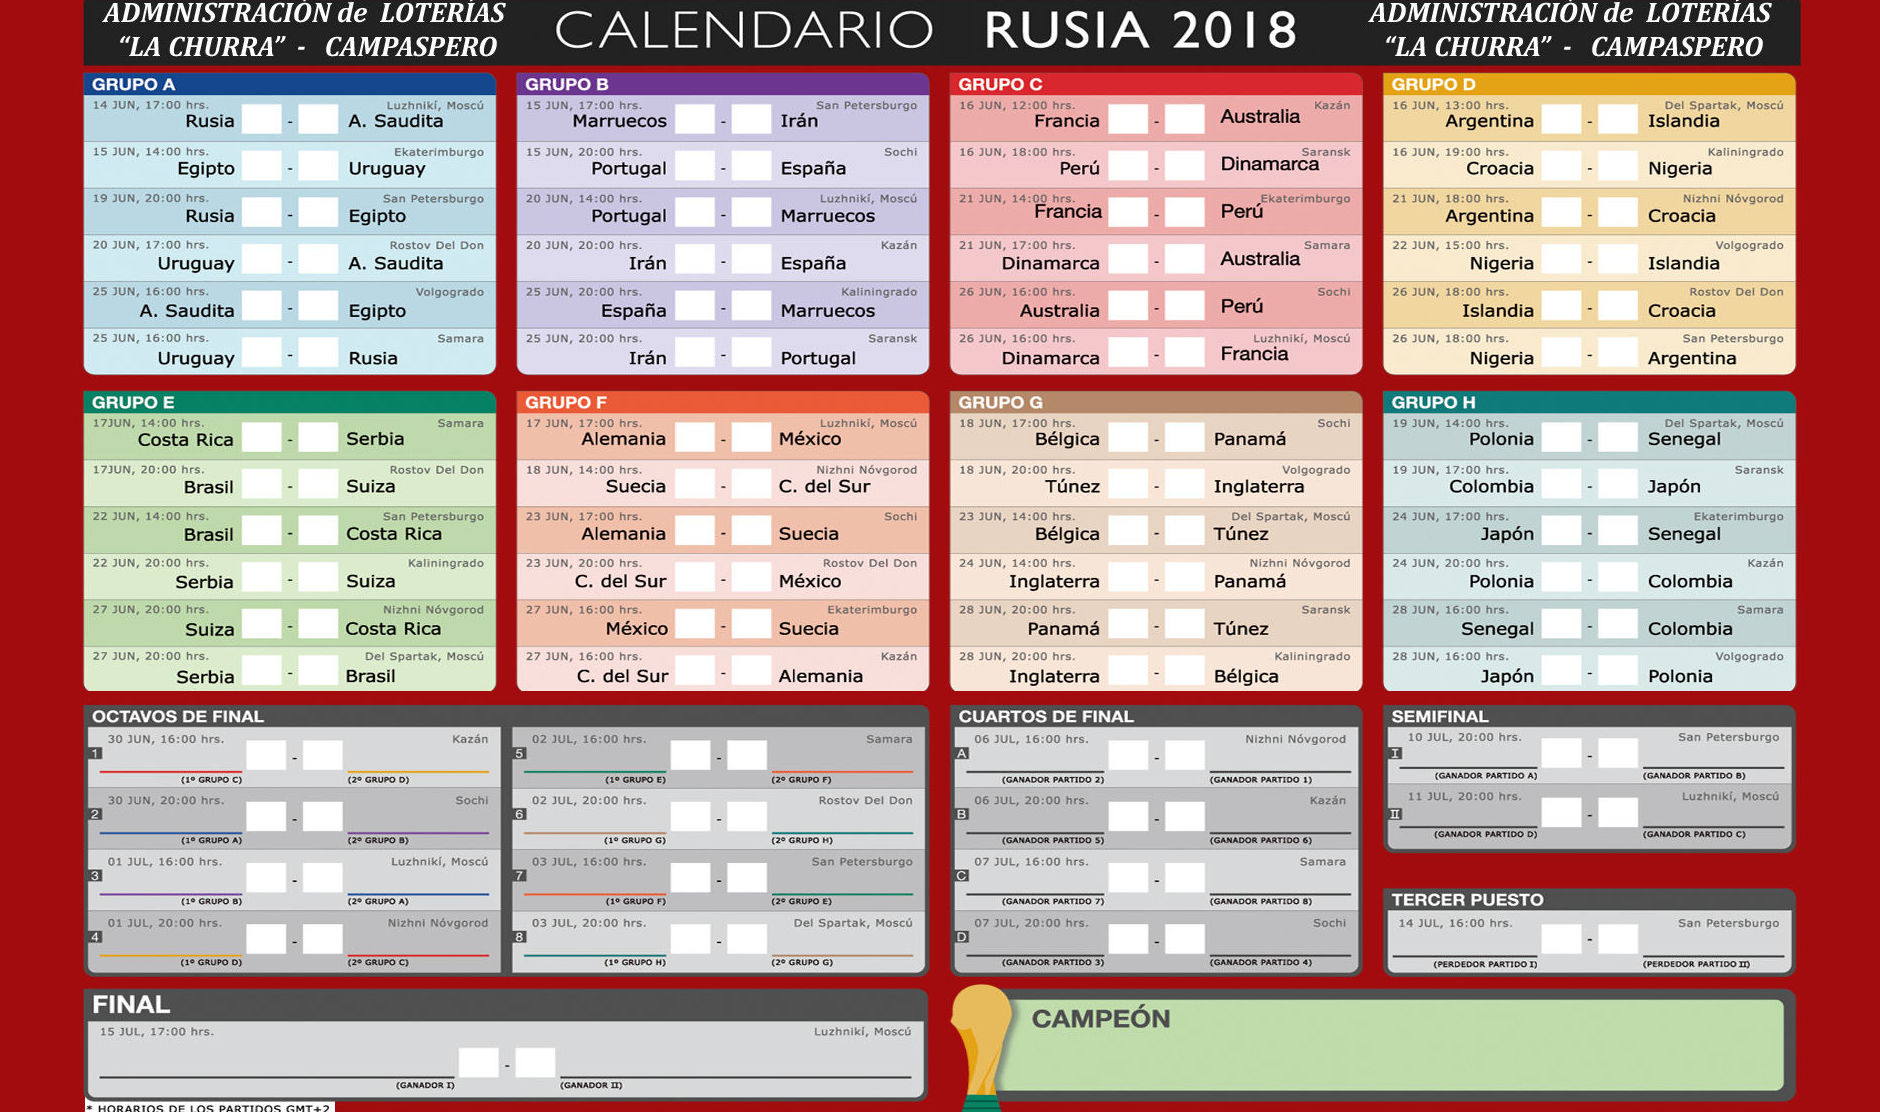 Calendario Copa.Calendario Copa Mundial Rusia 2018